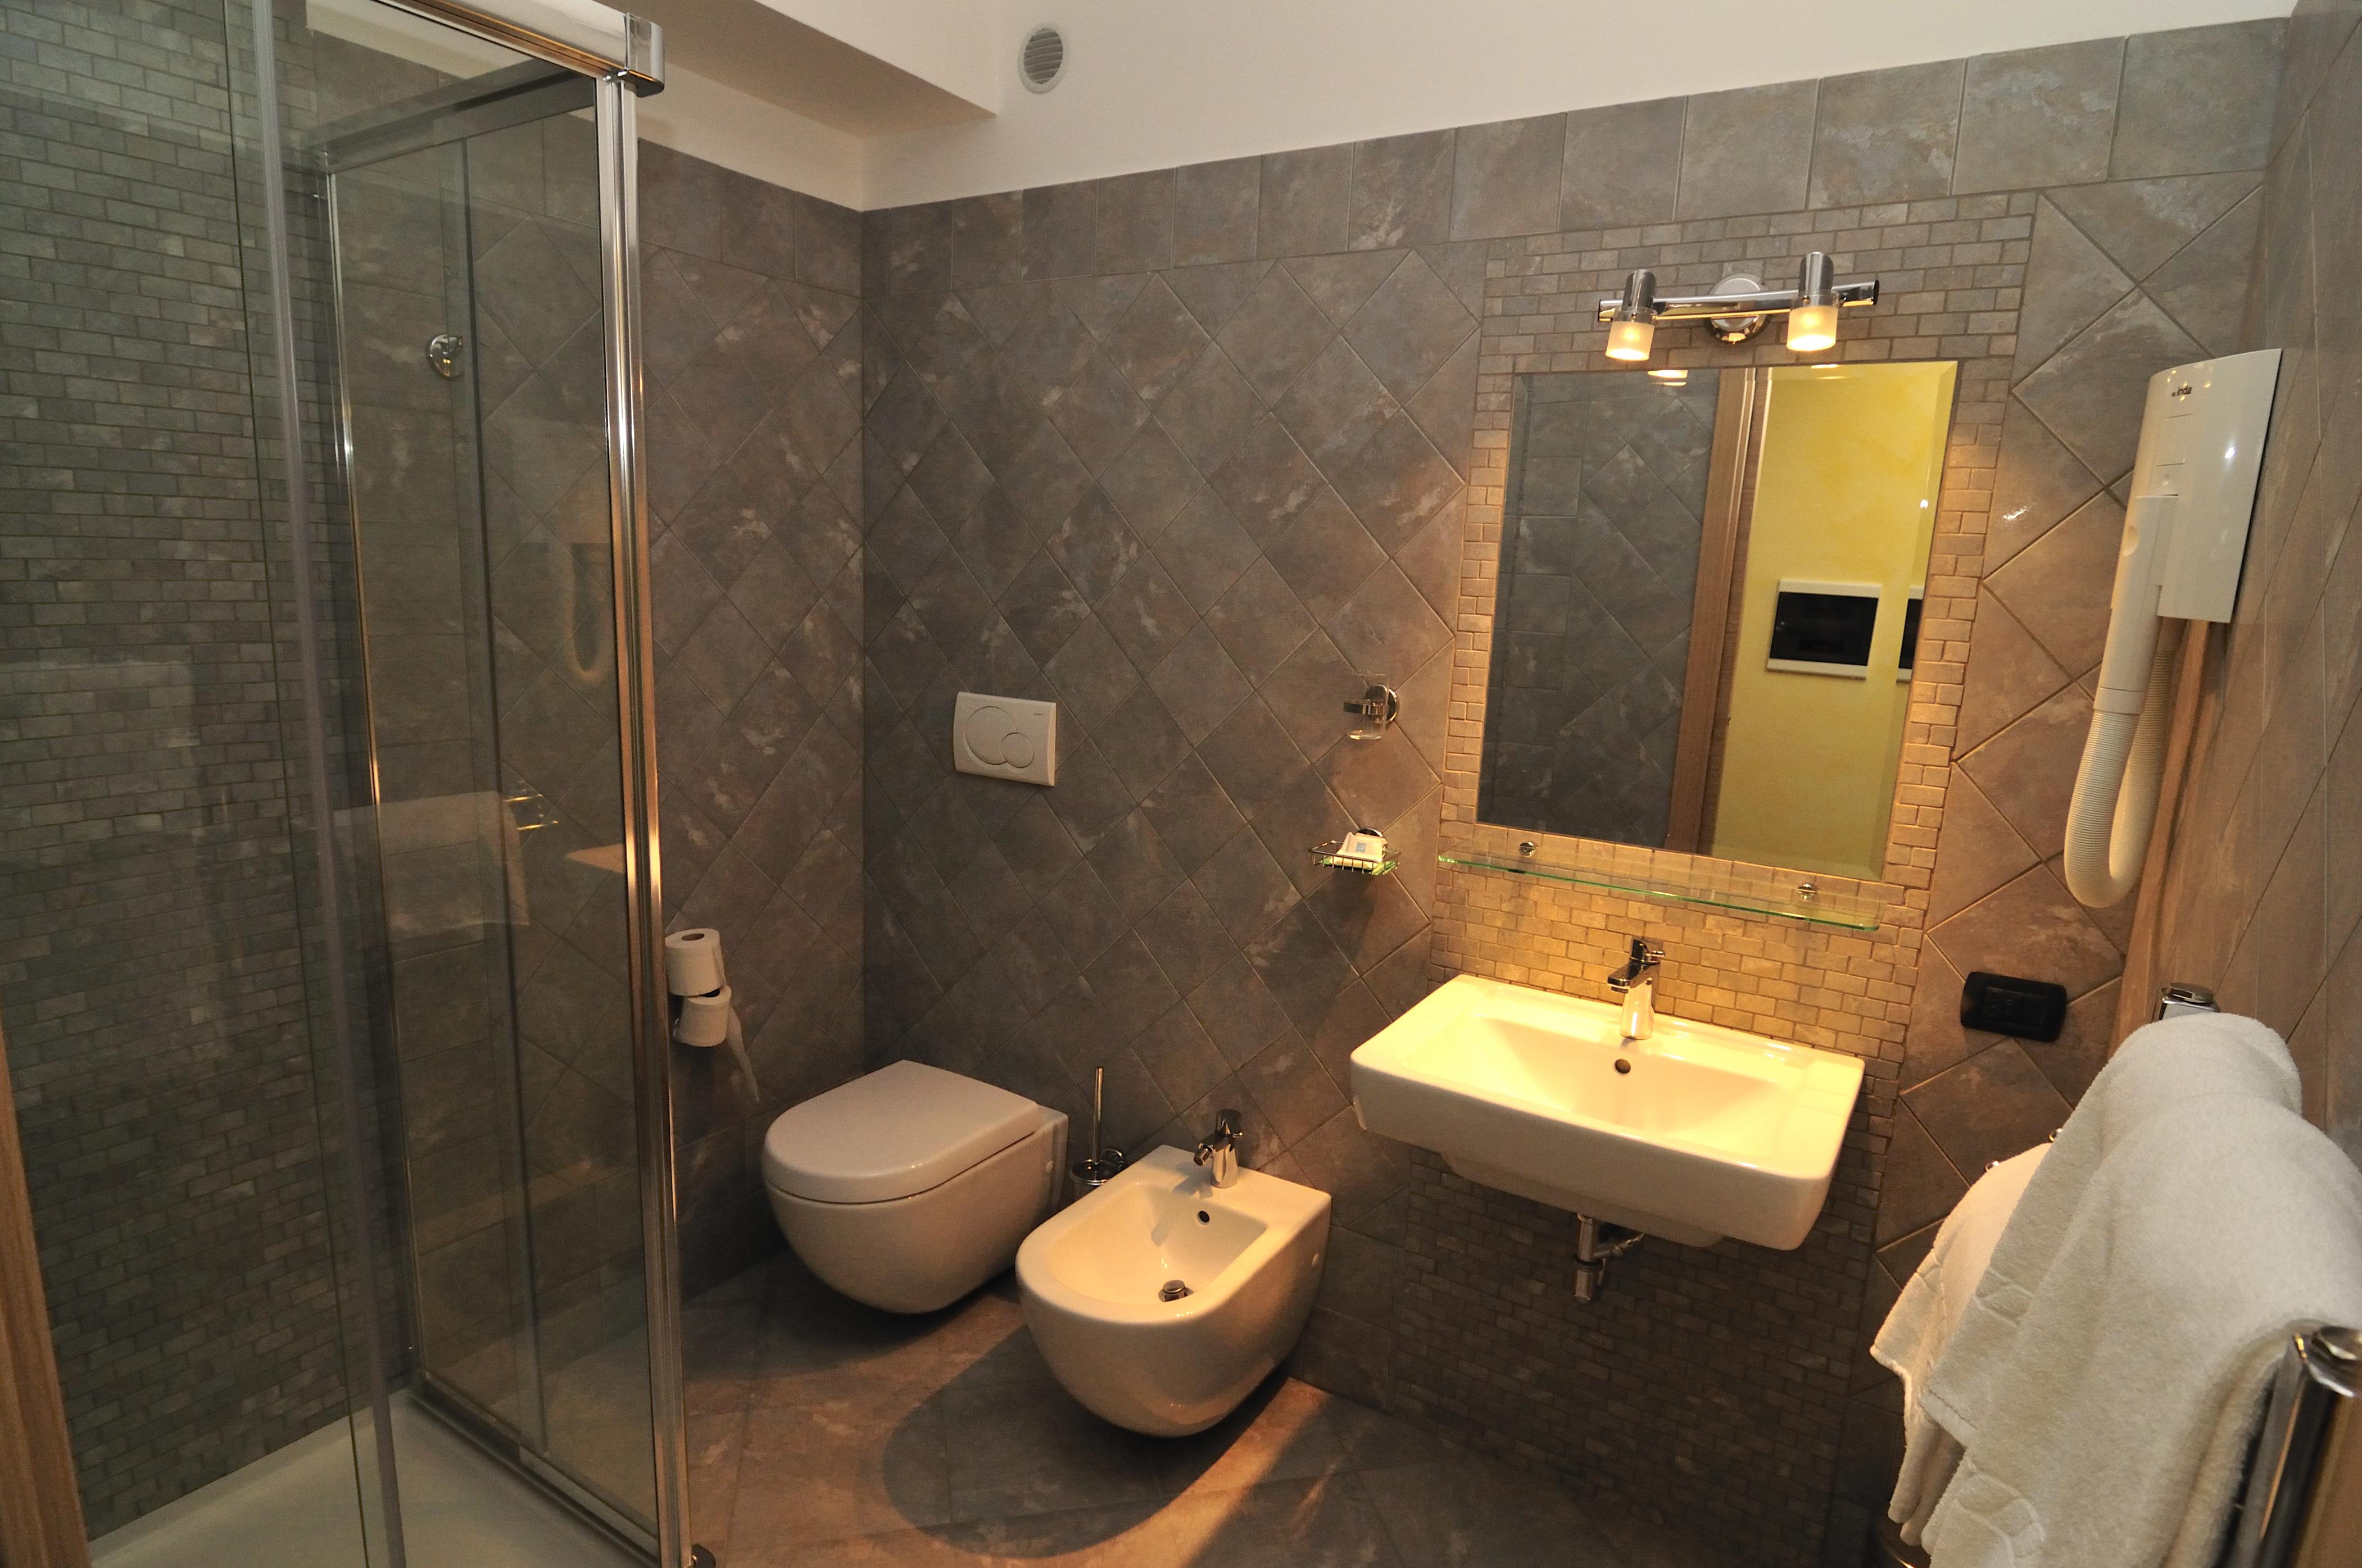 Hotel la locanda del cavaliere bagno camera hotel la locanda del cavaliere a latina - Bagno vignoni locanda ...